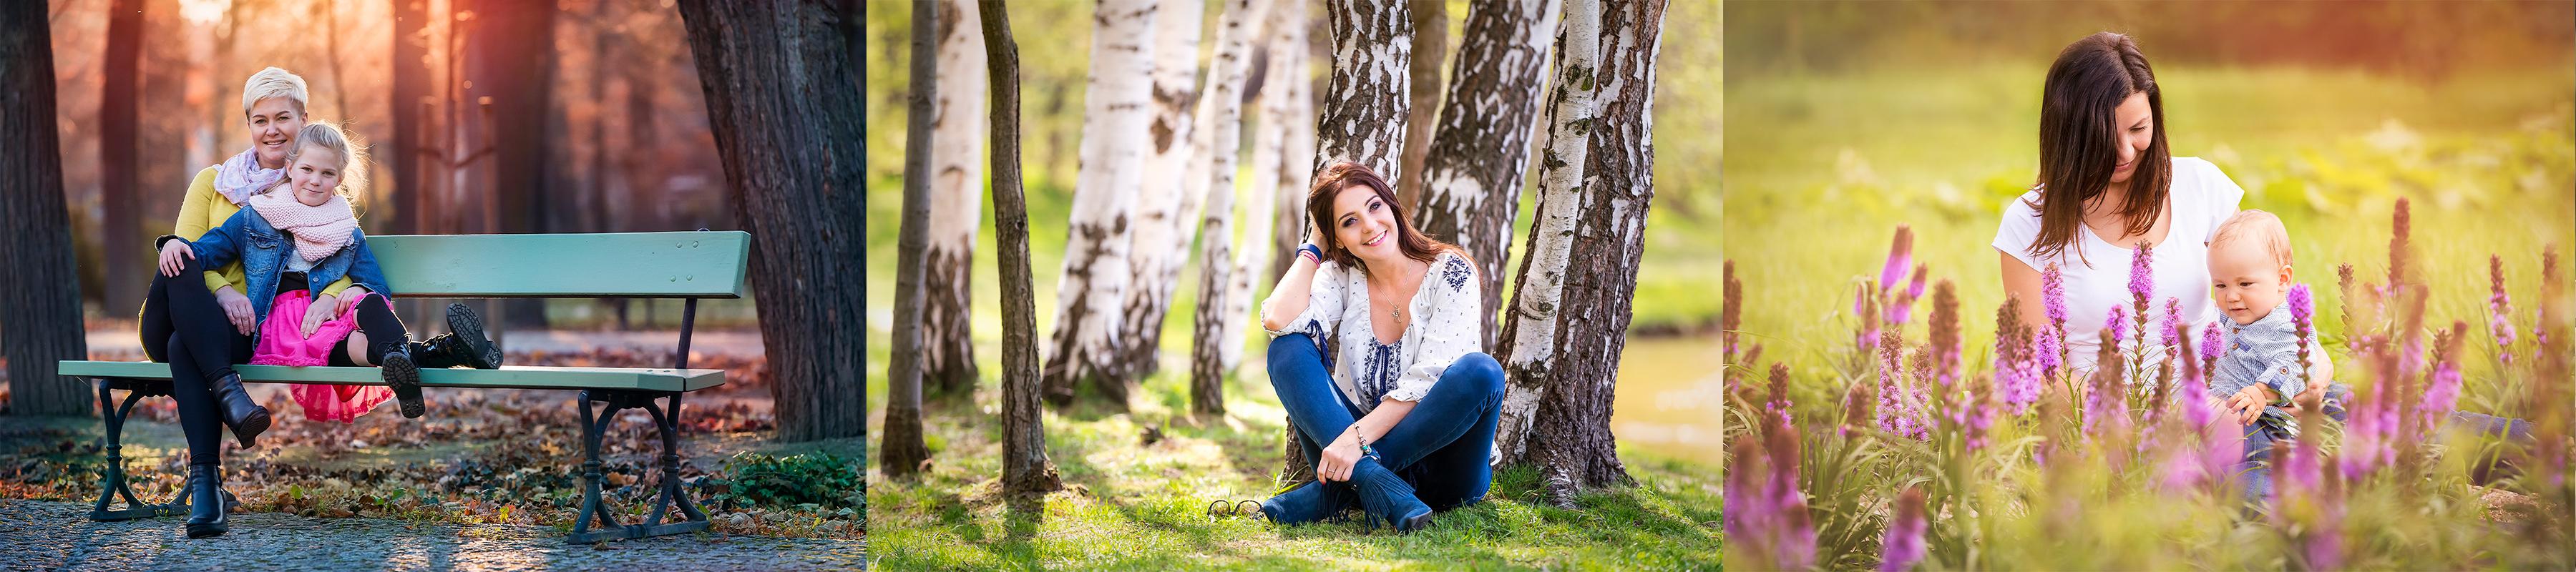 Klaudia-Cieplinska-Fotografia-Kobieca-Jelenia-Gora-10